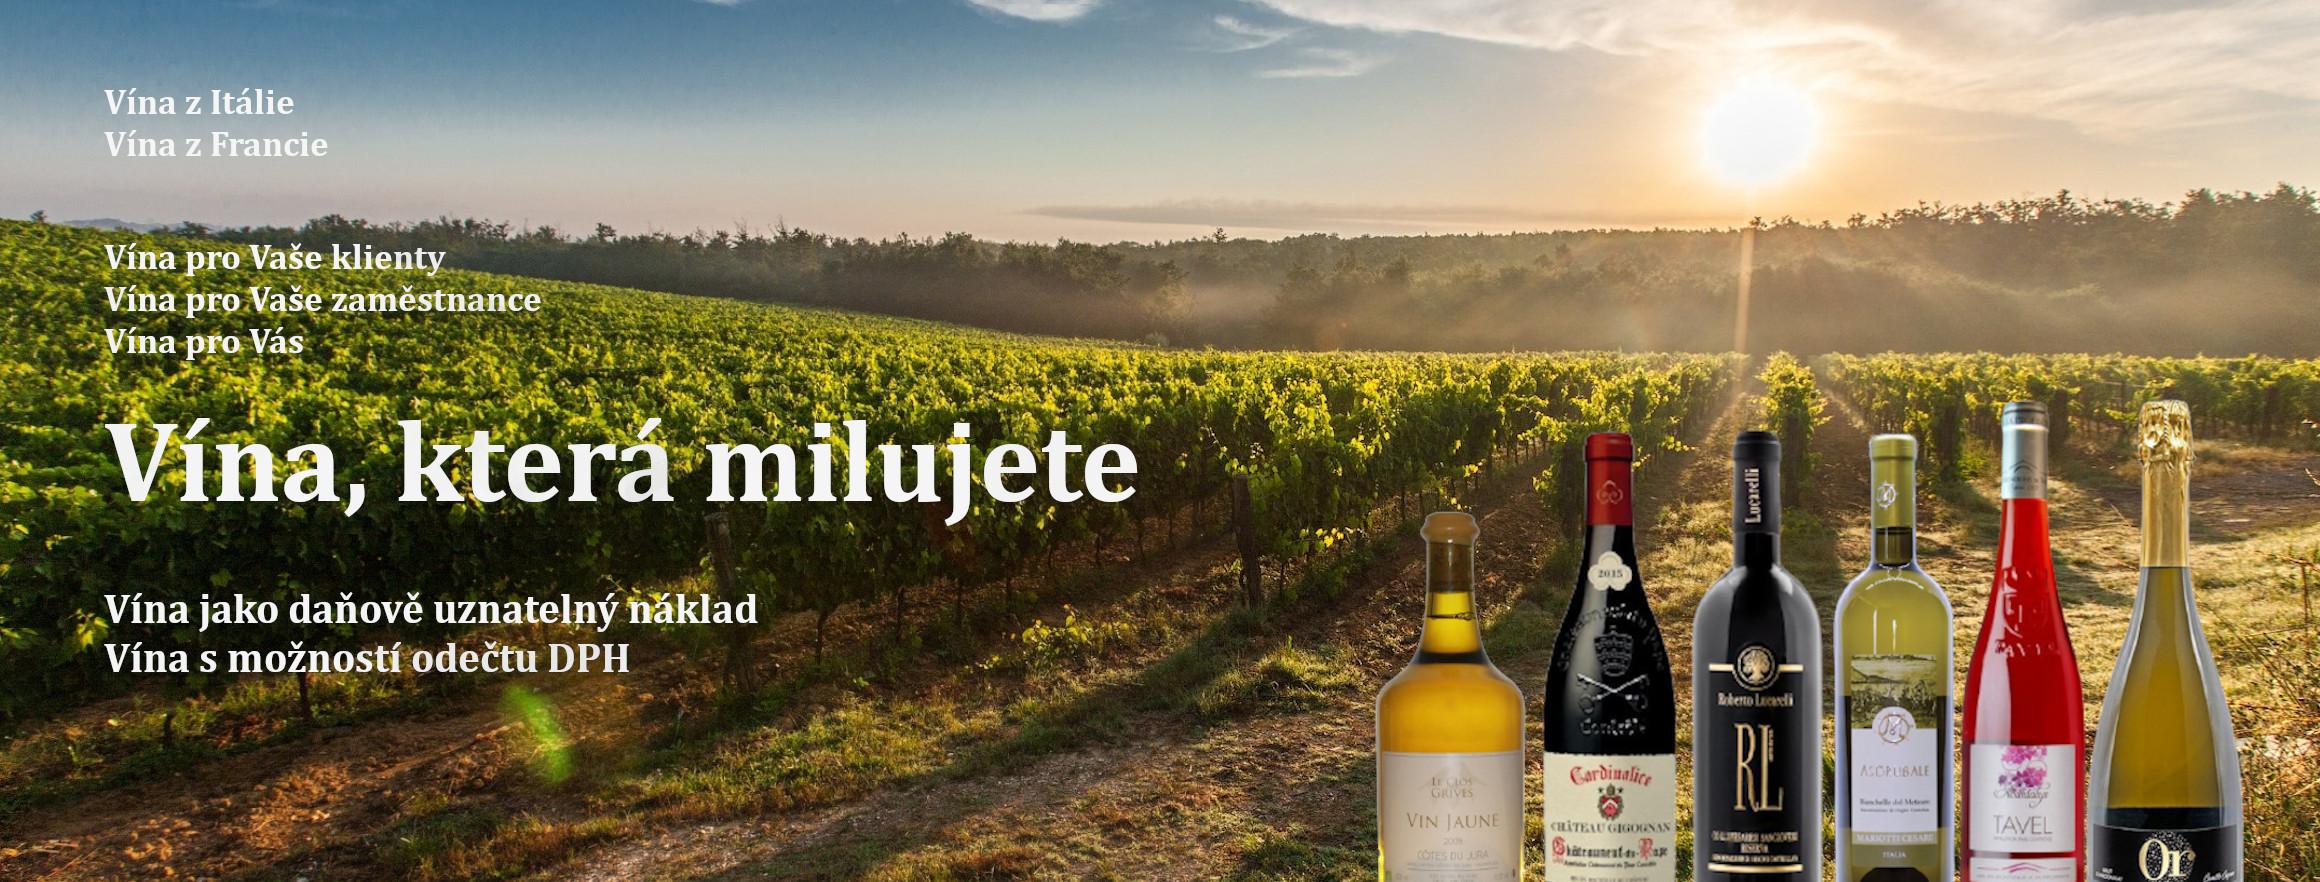 Vína, která milujete